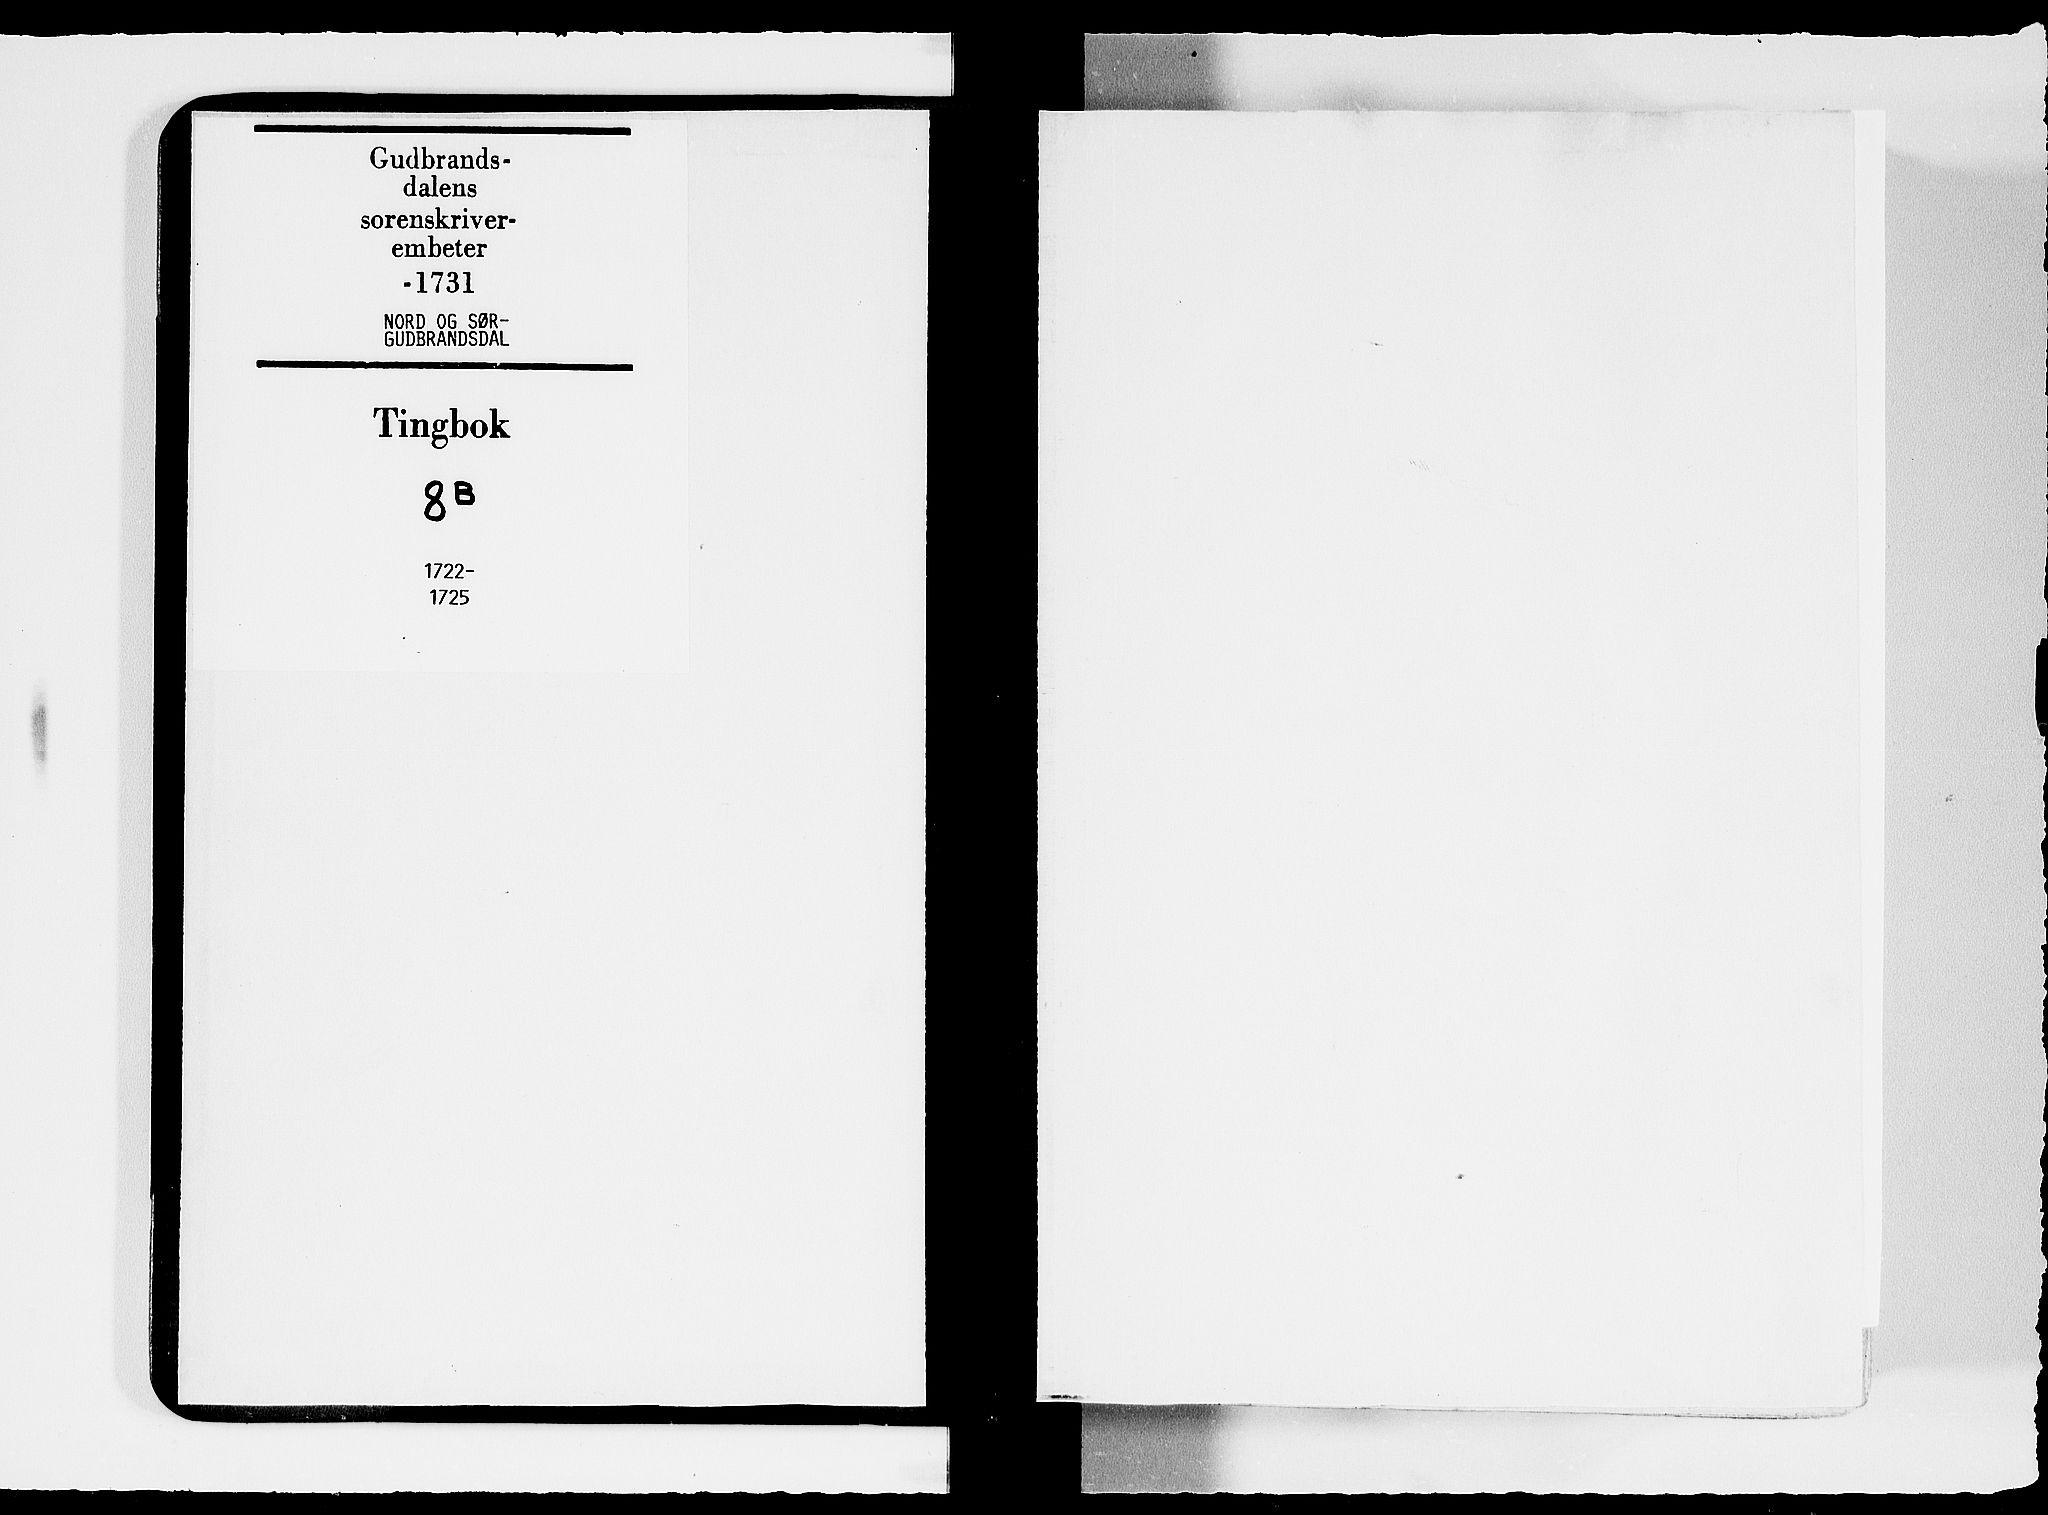 SAH, Sorenskriverier i Gudbrandsdalen, G/Gb/Gbc/L0008: Tingbok - Nord- og Sør-Gudbrandsdal, 1722-1725